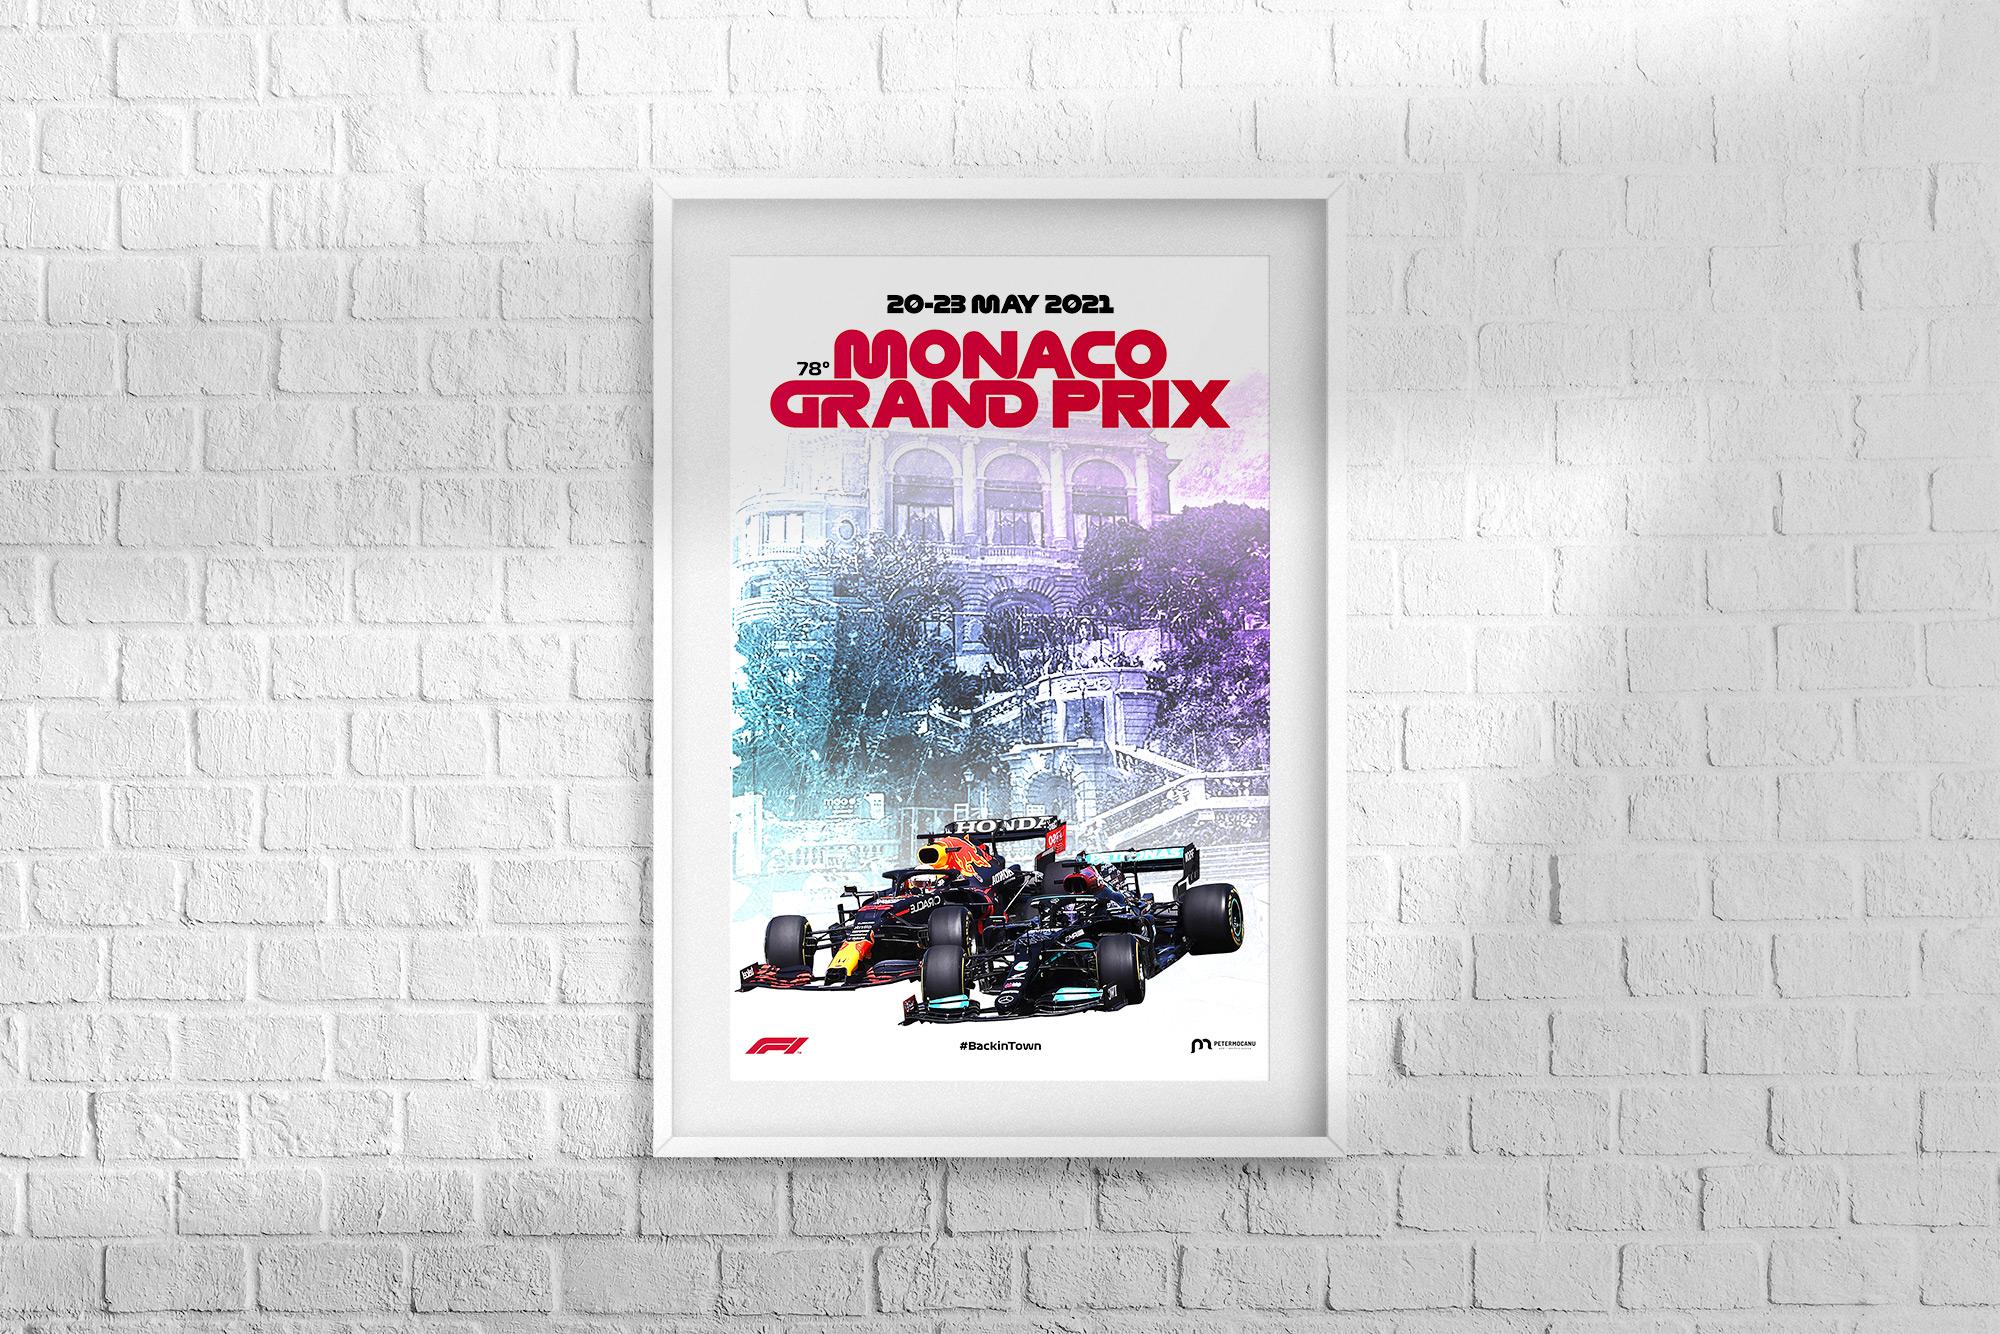 Monaco F1 Grand Prix 2021 Poster